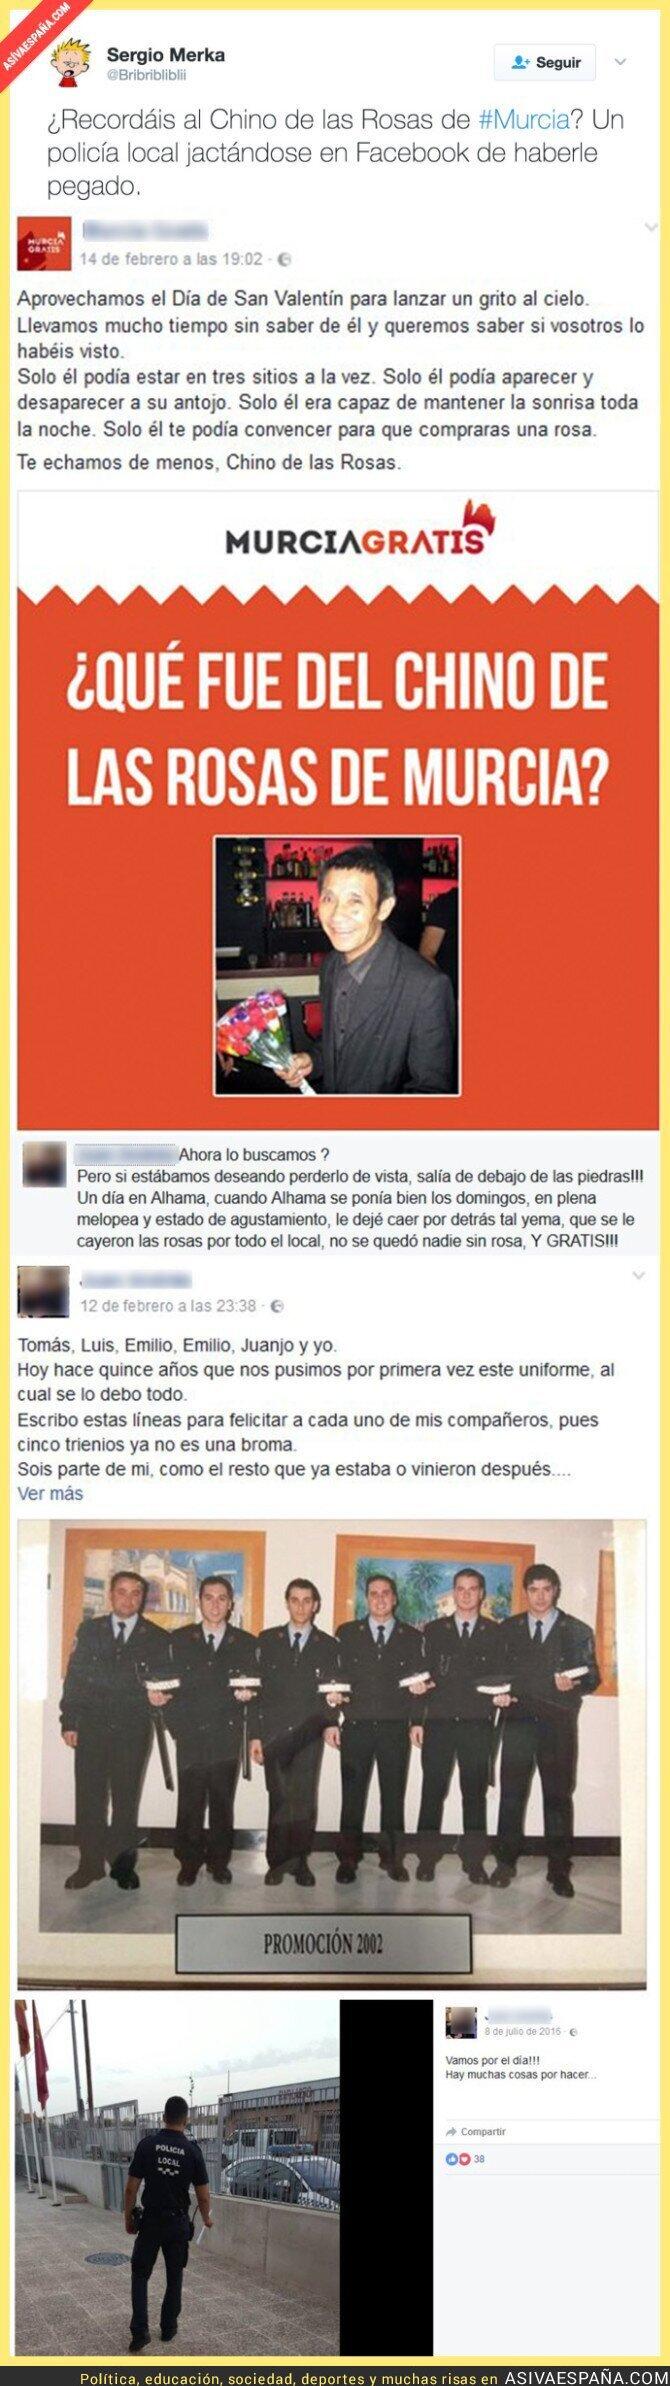 62918 - Policía se mofa de haberle pegado al Chino de las rosas famoso en Murcia